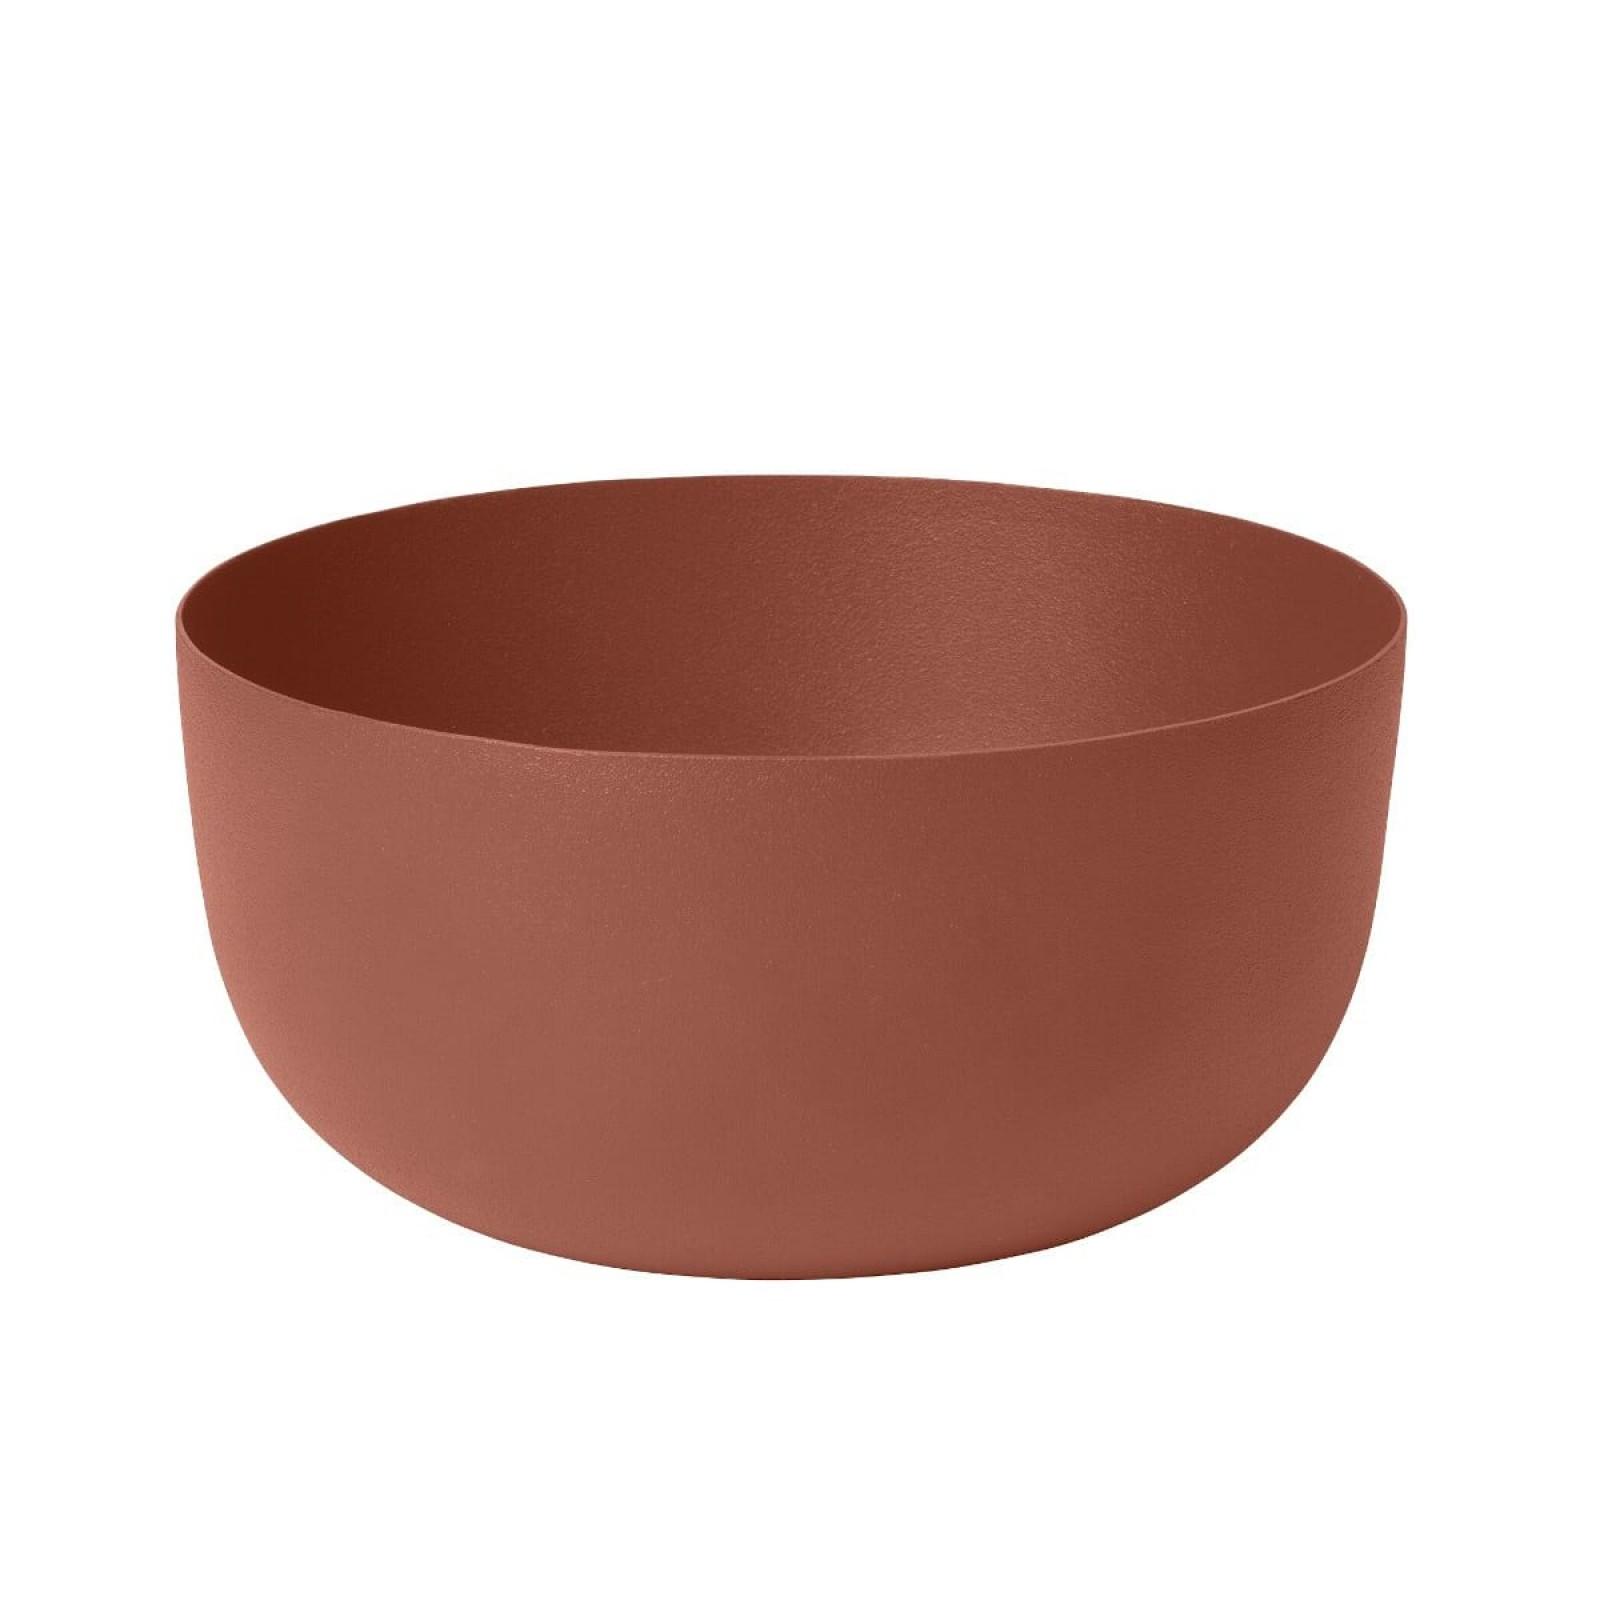 REO Bowl Large (Rustic Brown) - Blomus